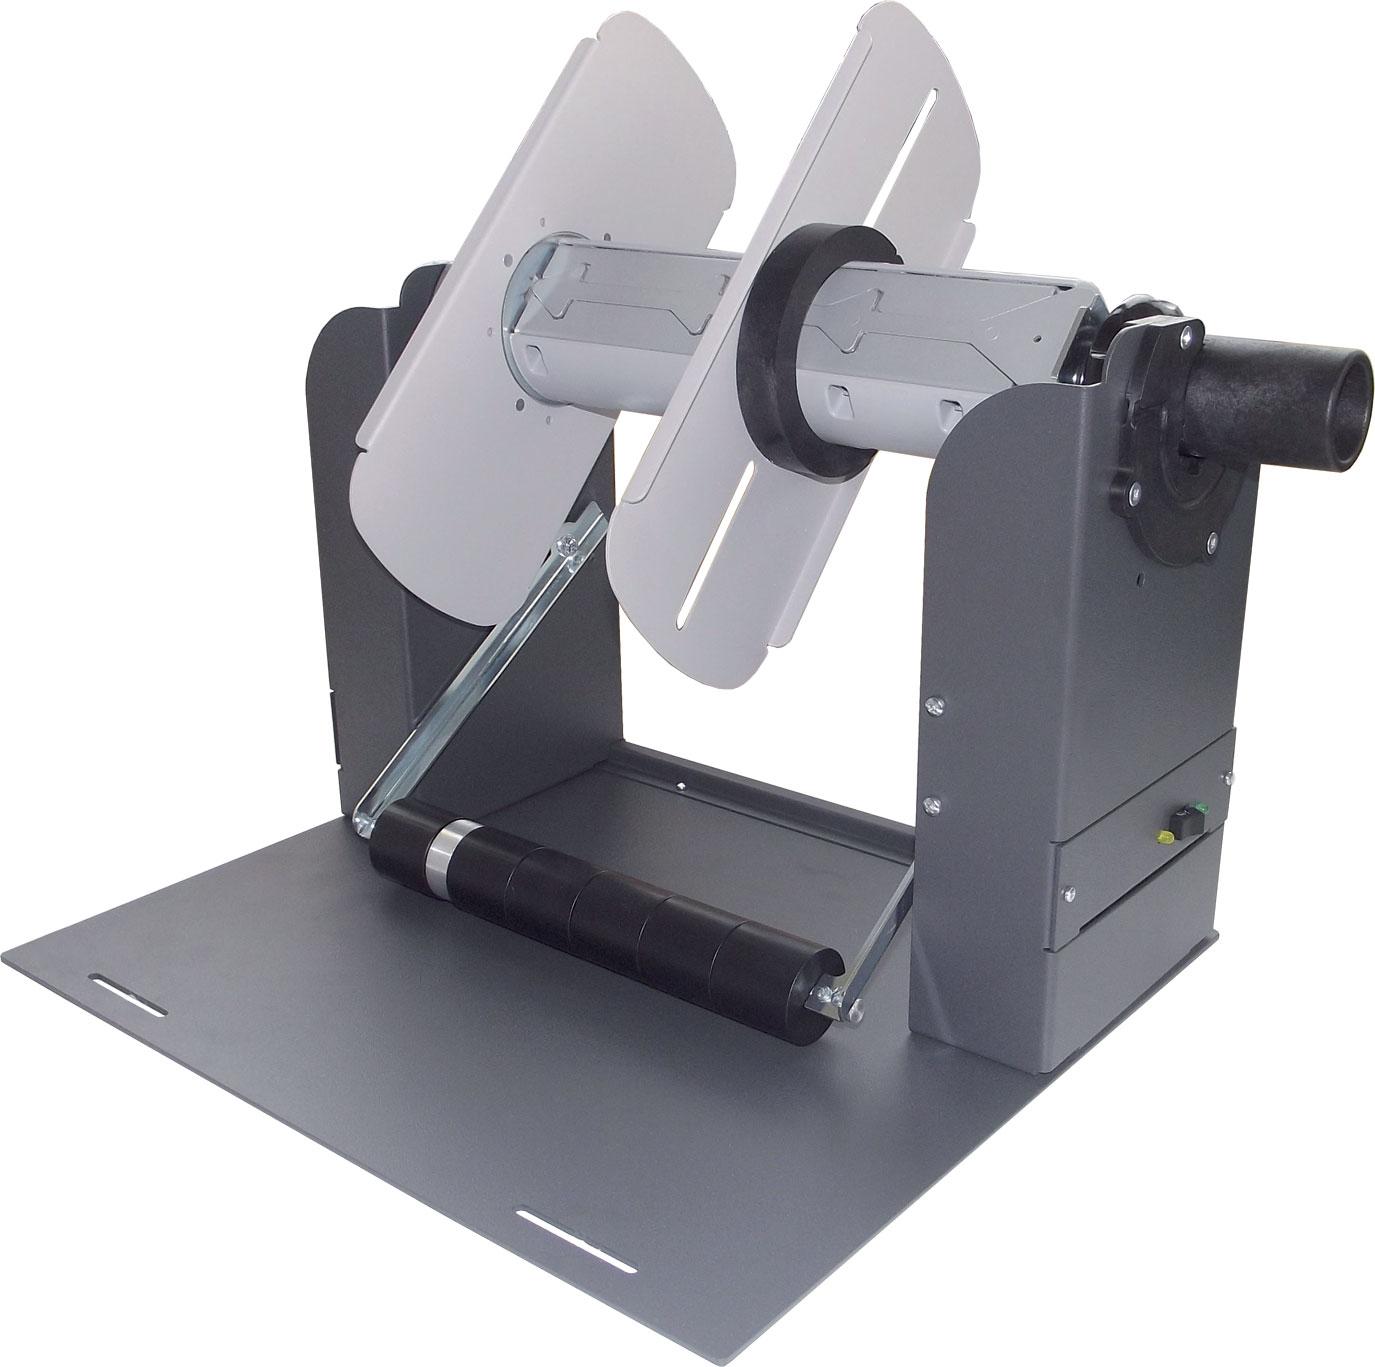 Afinia Label L801 Rewinder system for digital label printers